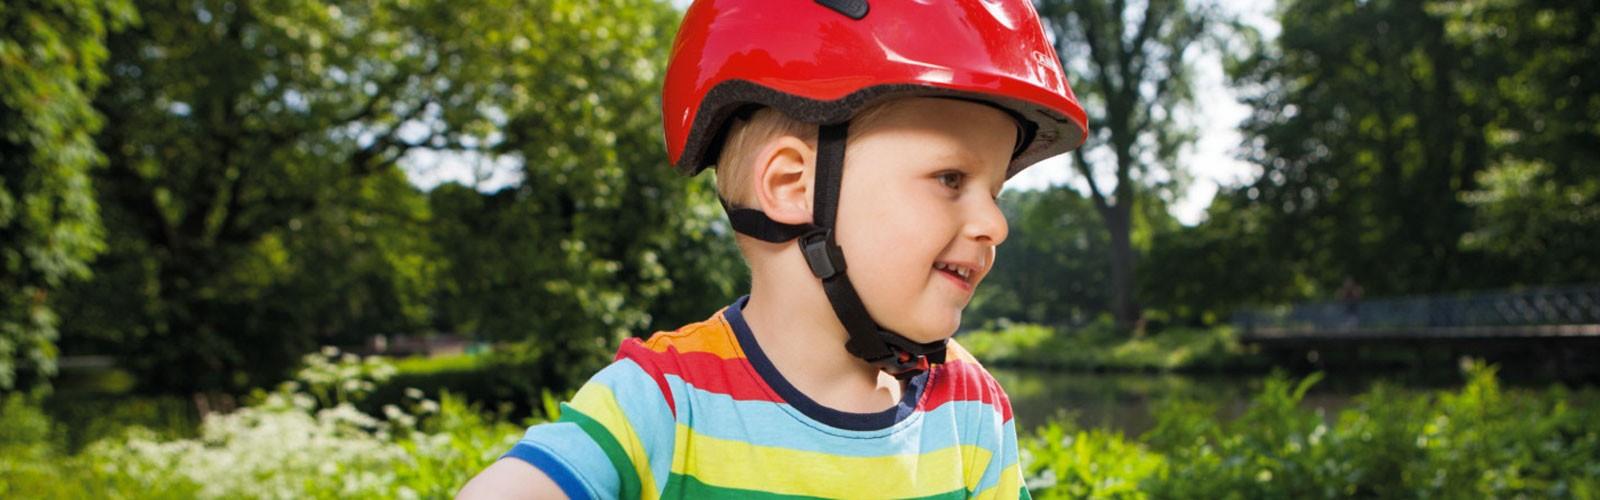 Casque vélo enfant